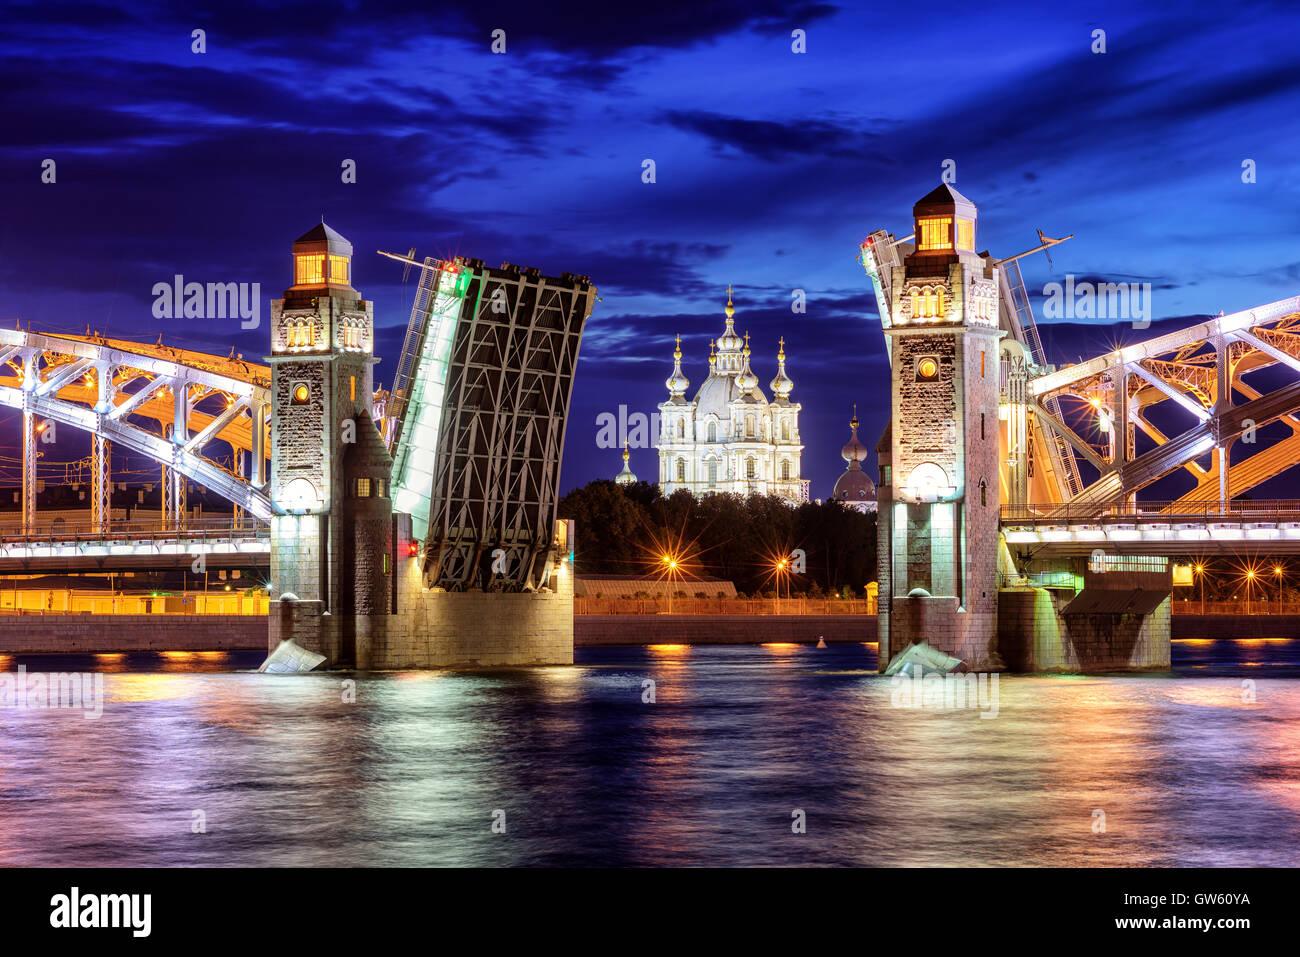 Pedro el gran puente y Catedral Smolny en verano la noche blanca, San Petersburgo, Rusia Imagen De Stock